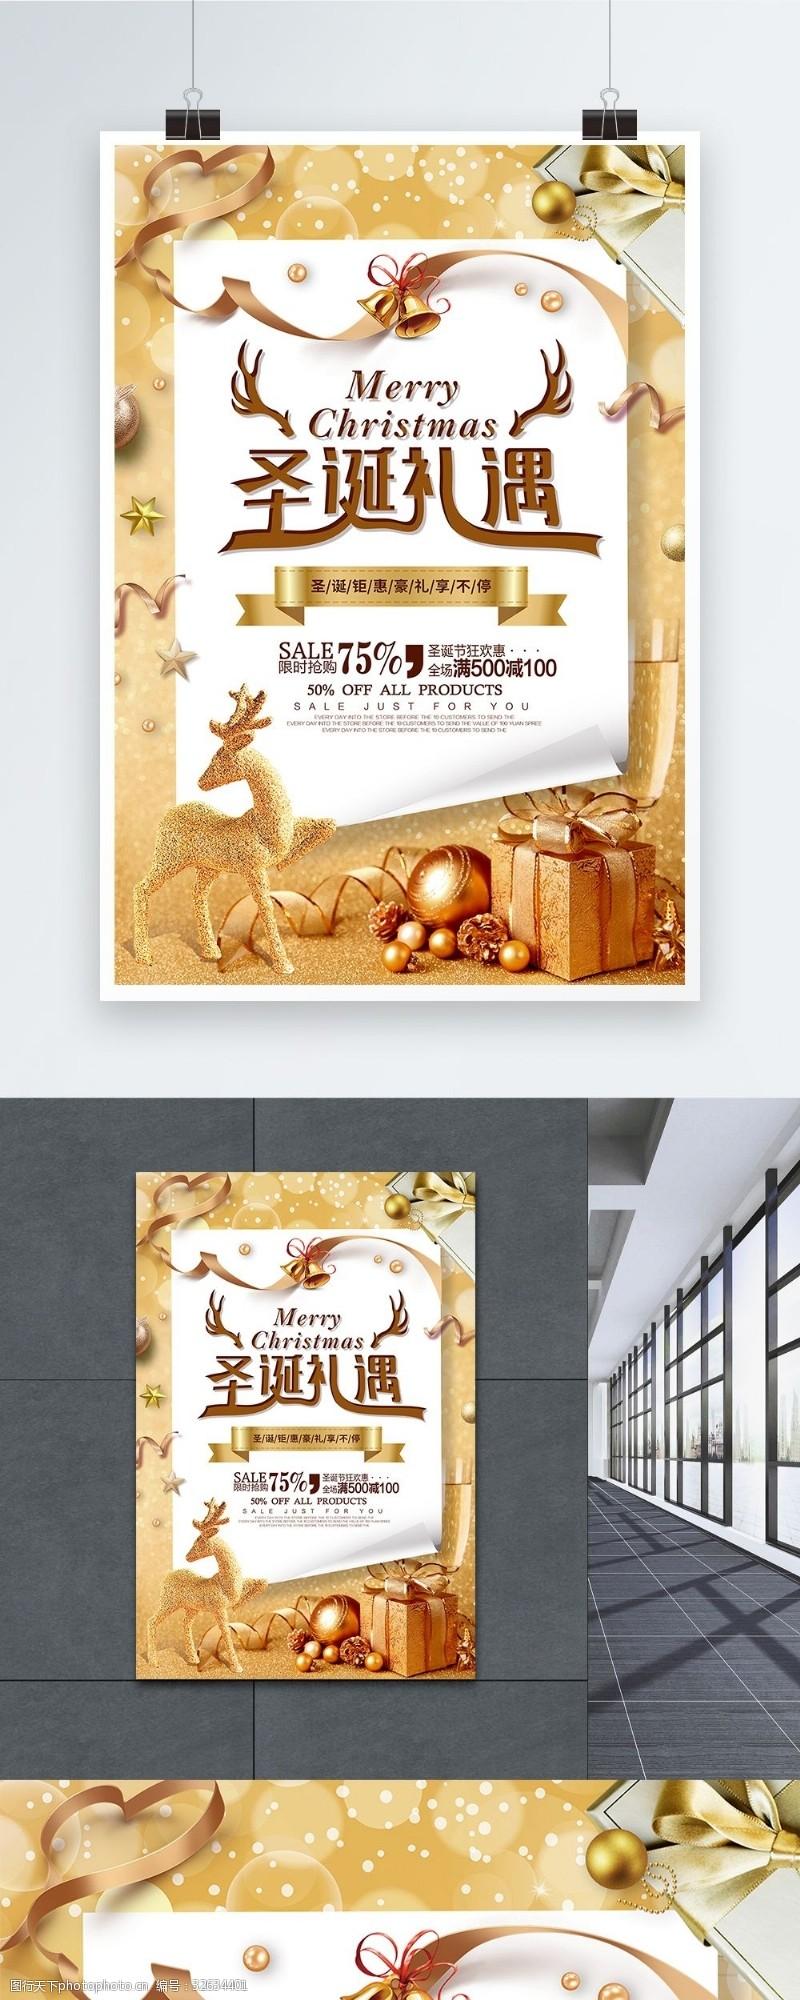 节日海报圣诞节大气金色圣诞节海报